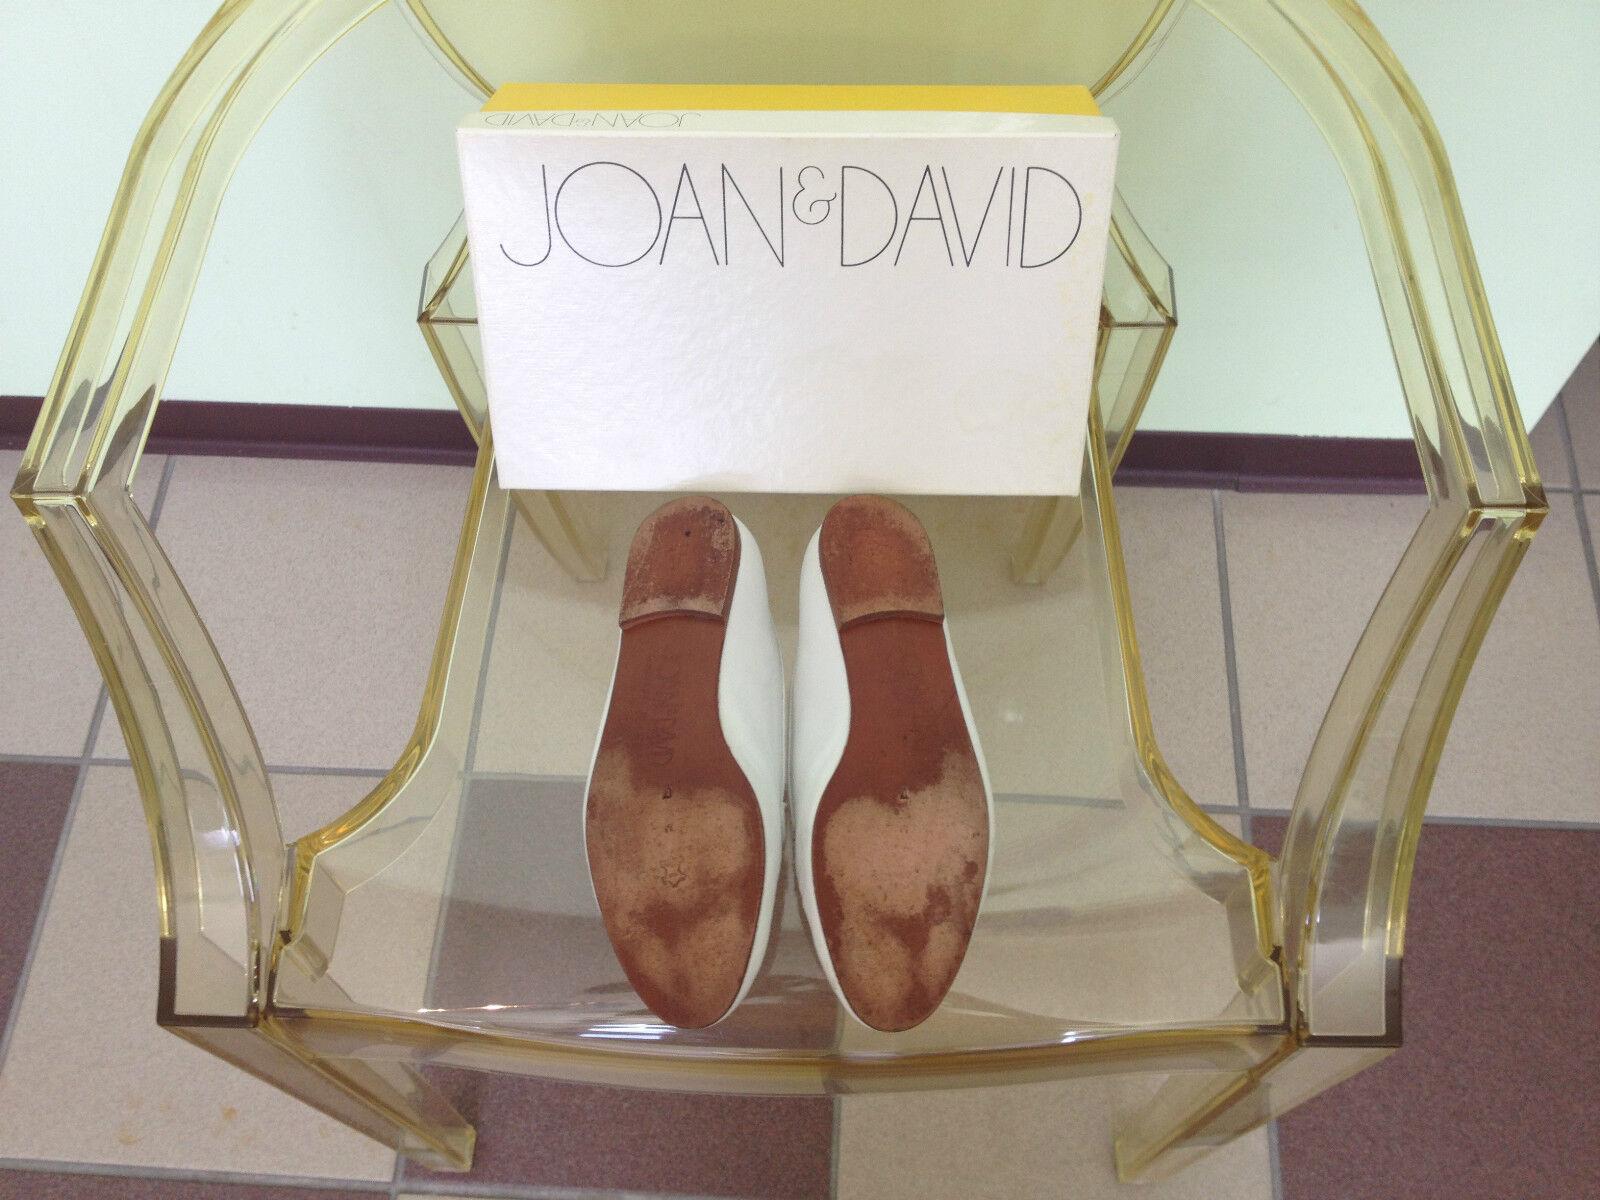 Para mujer Joan & David Hecho a Mano de Cuero Mocasines blancoo con encanto de Mano oro recortar tamaño 7M 7c390c